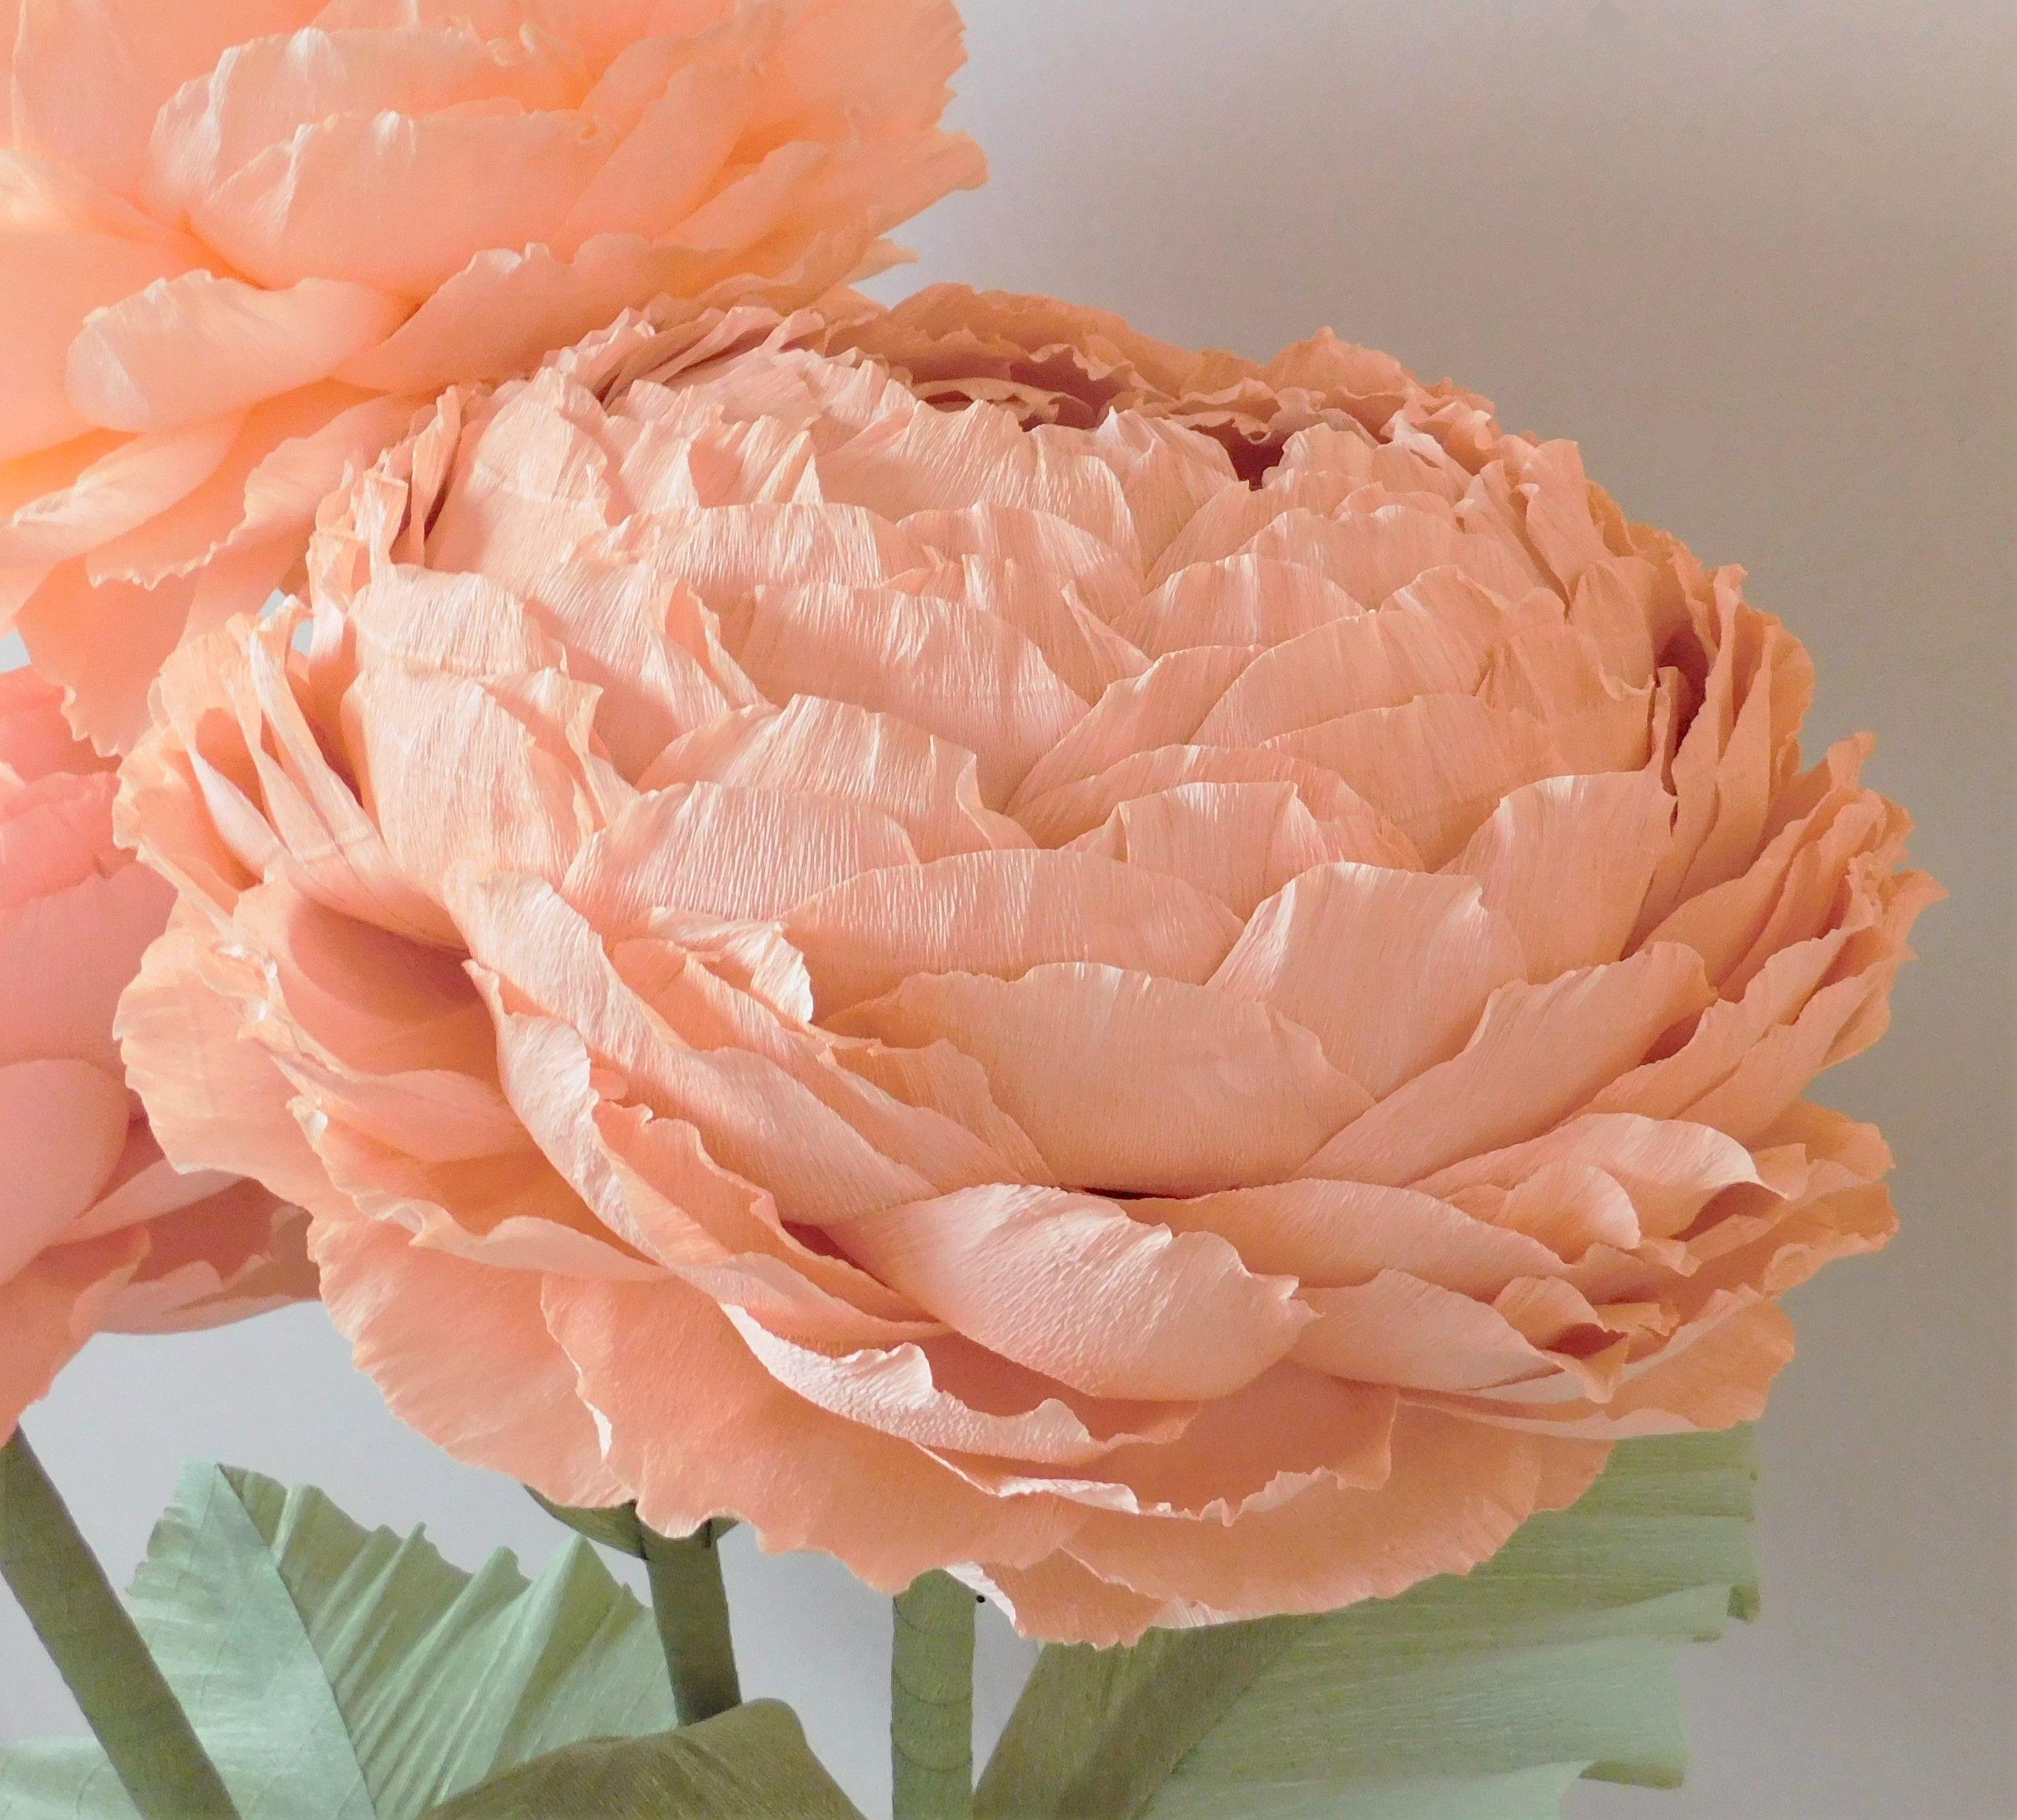 Paper Flower Paper Flowers Flower Decoration Chanel Flowers Kwiaty Chanel Kwiaty Papierowe Kwiaty Z Papieru Dekoracje Decor Paper Flowers Flowers Paper